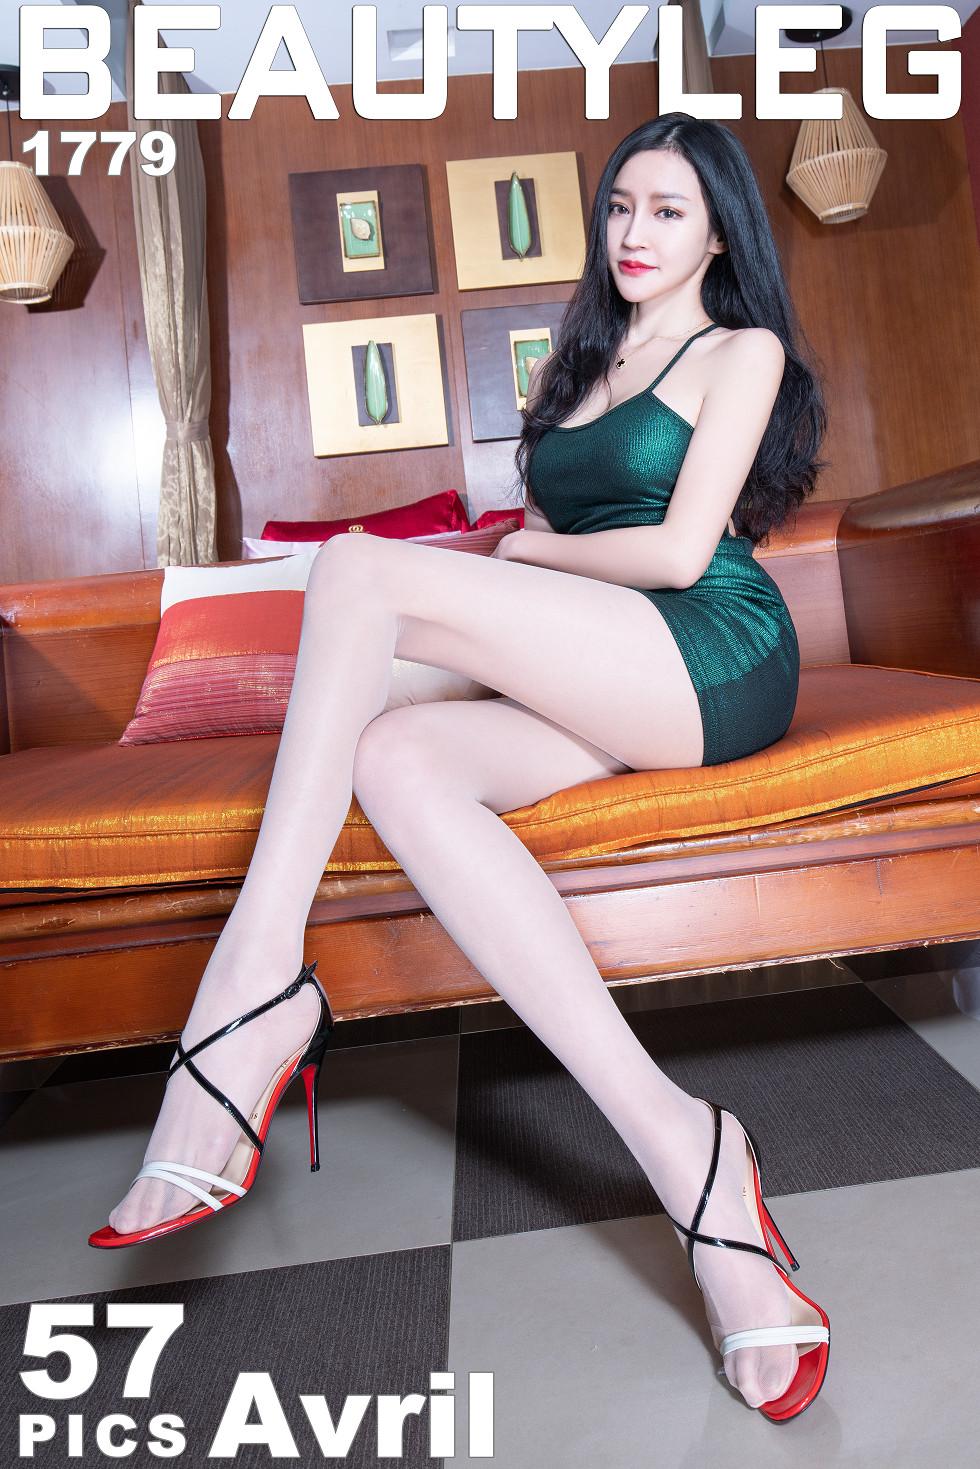 模特Avril妹子绿色吊带连身裙配肉丝裤袜秀完美身材诱惑无圣光写真48P